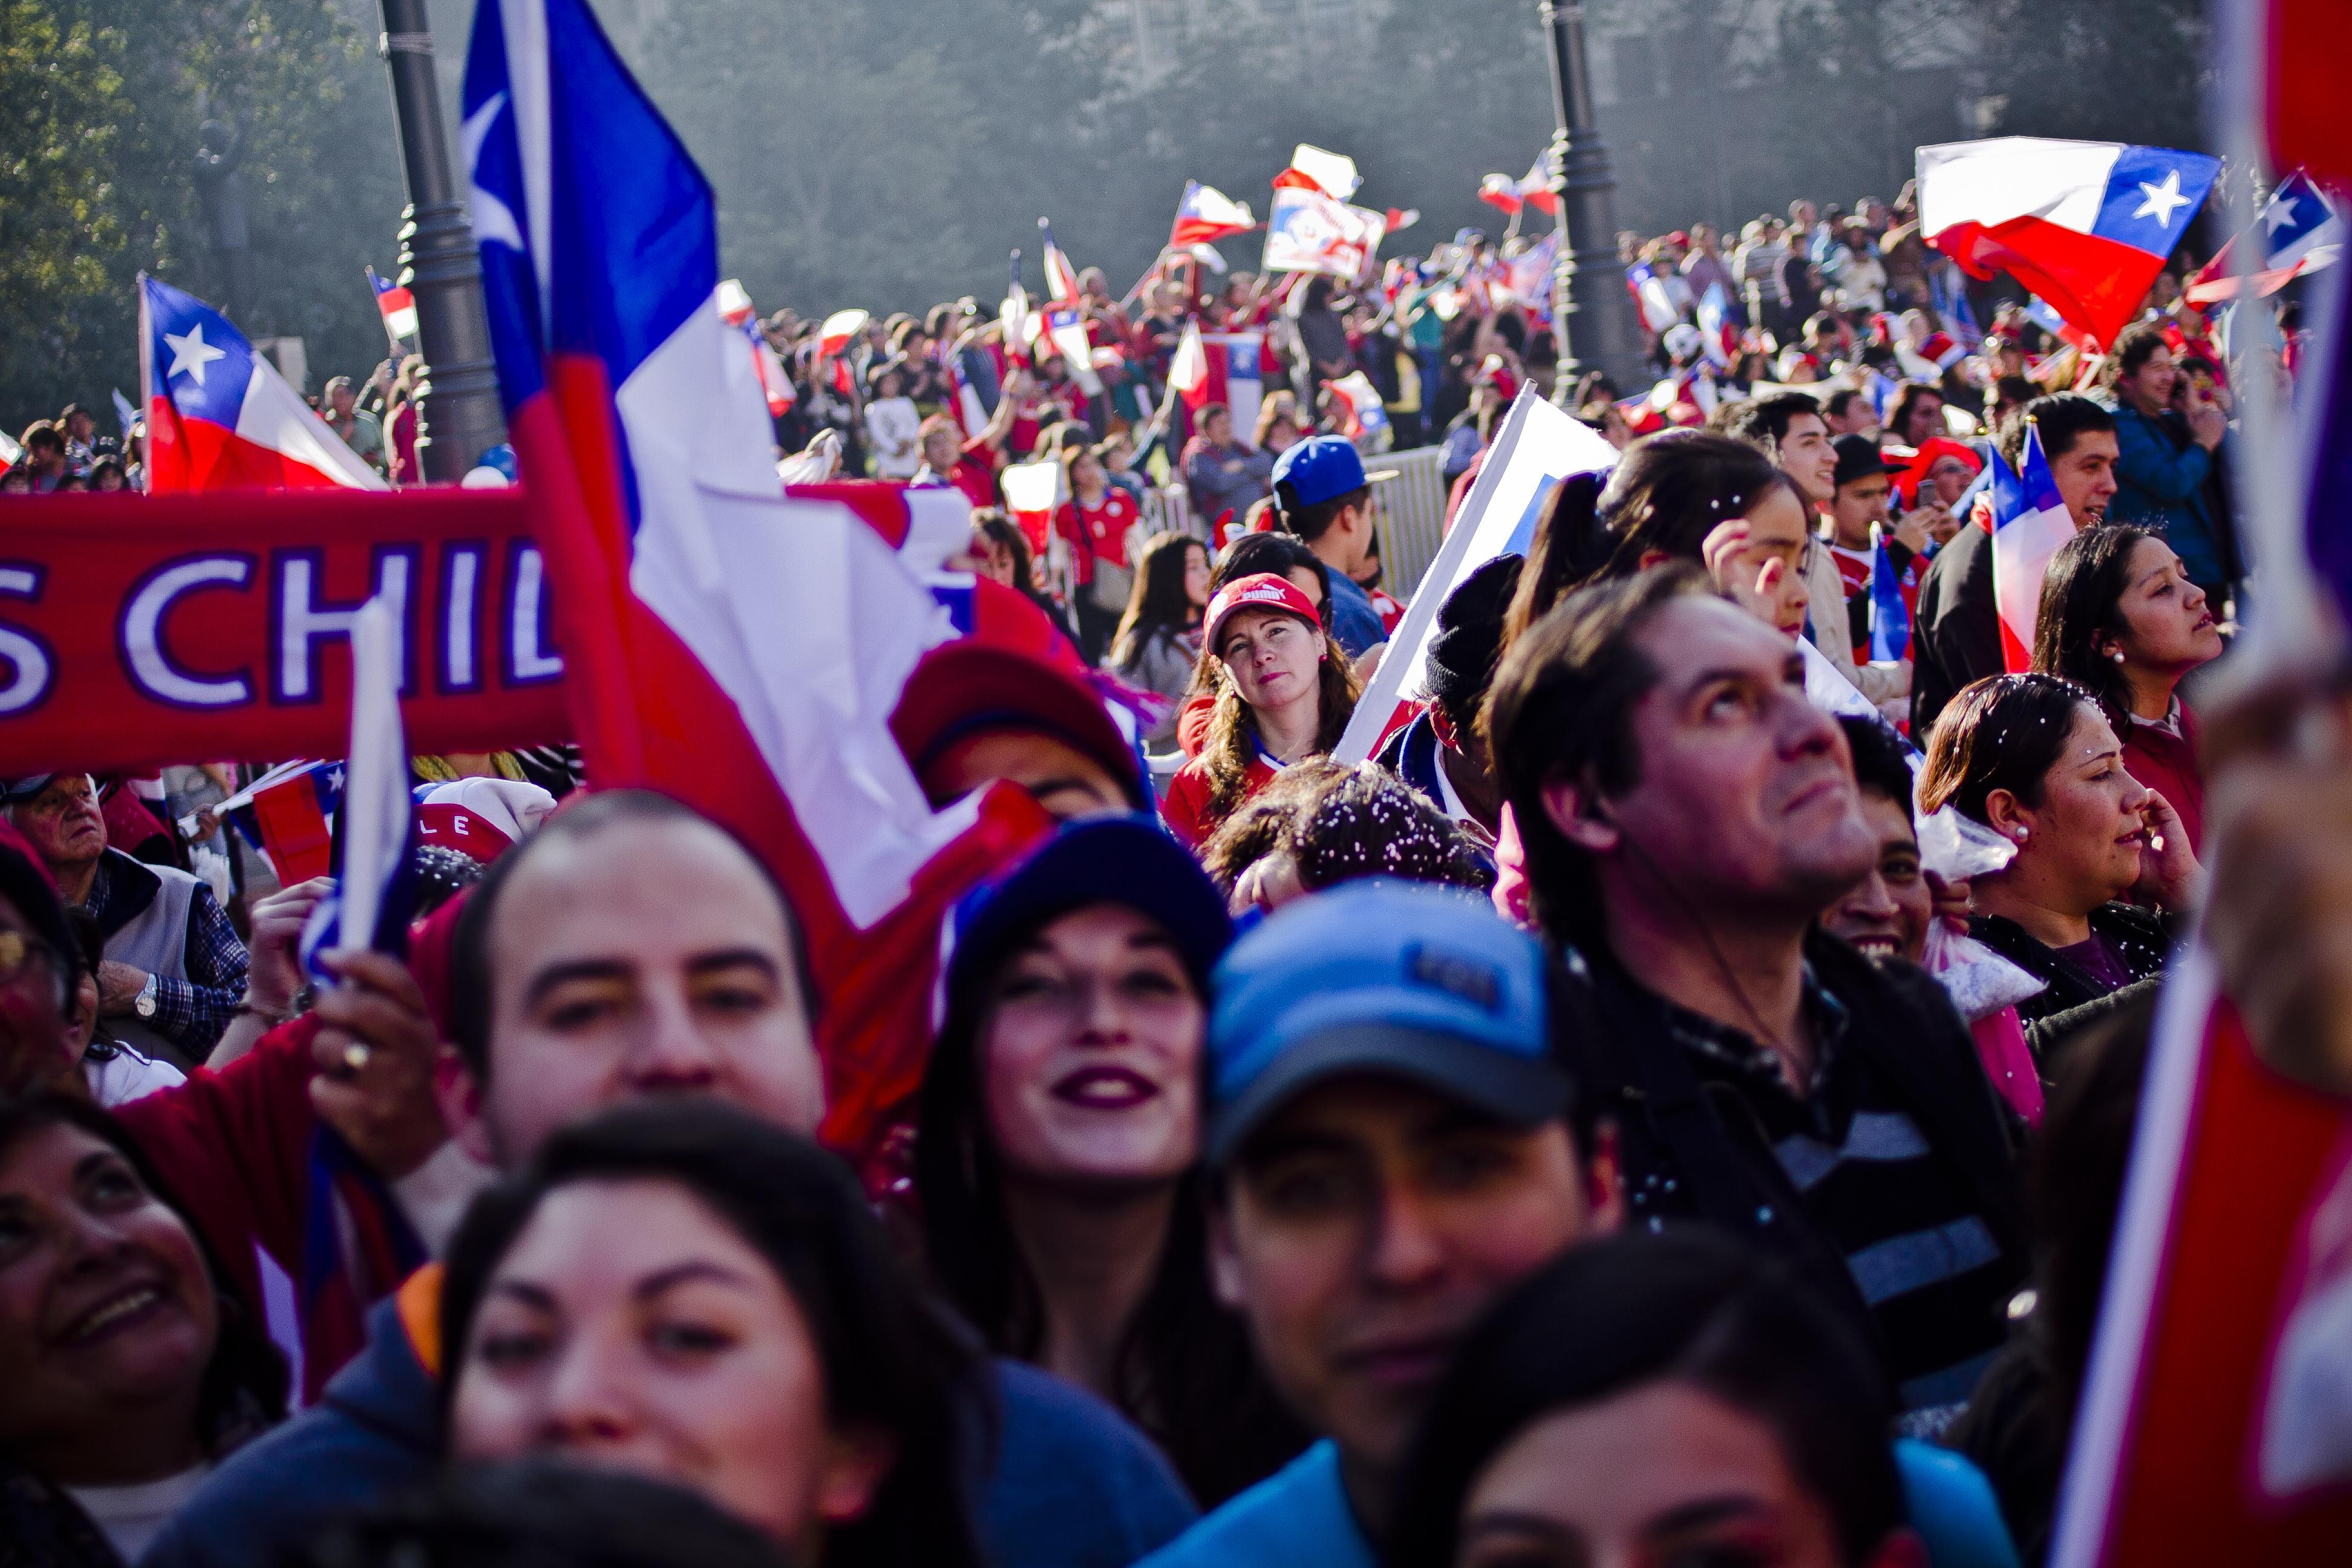 Hinchas esperan a la selección chilena en la Plaza de la Constitución